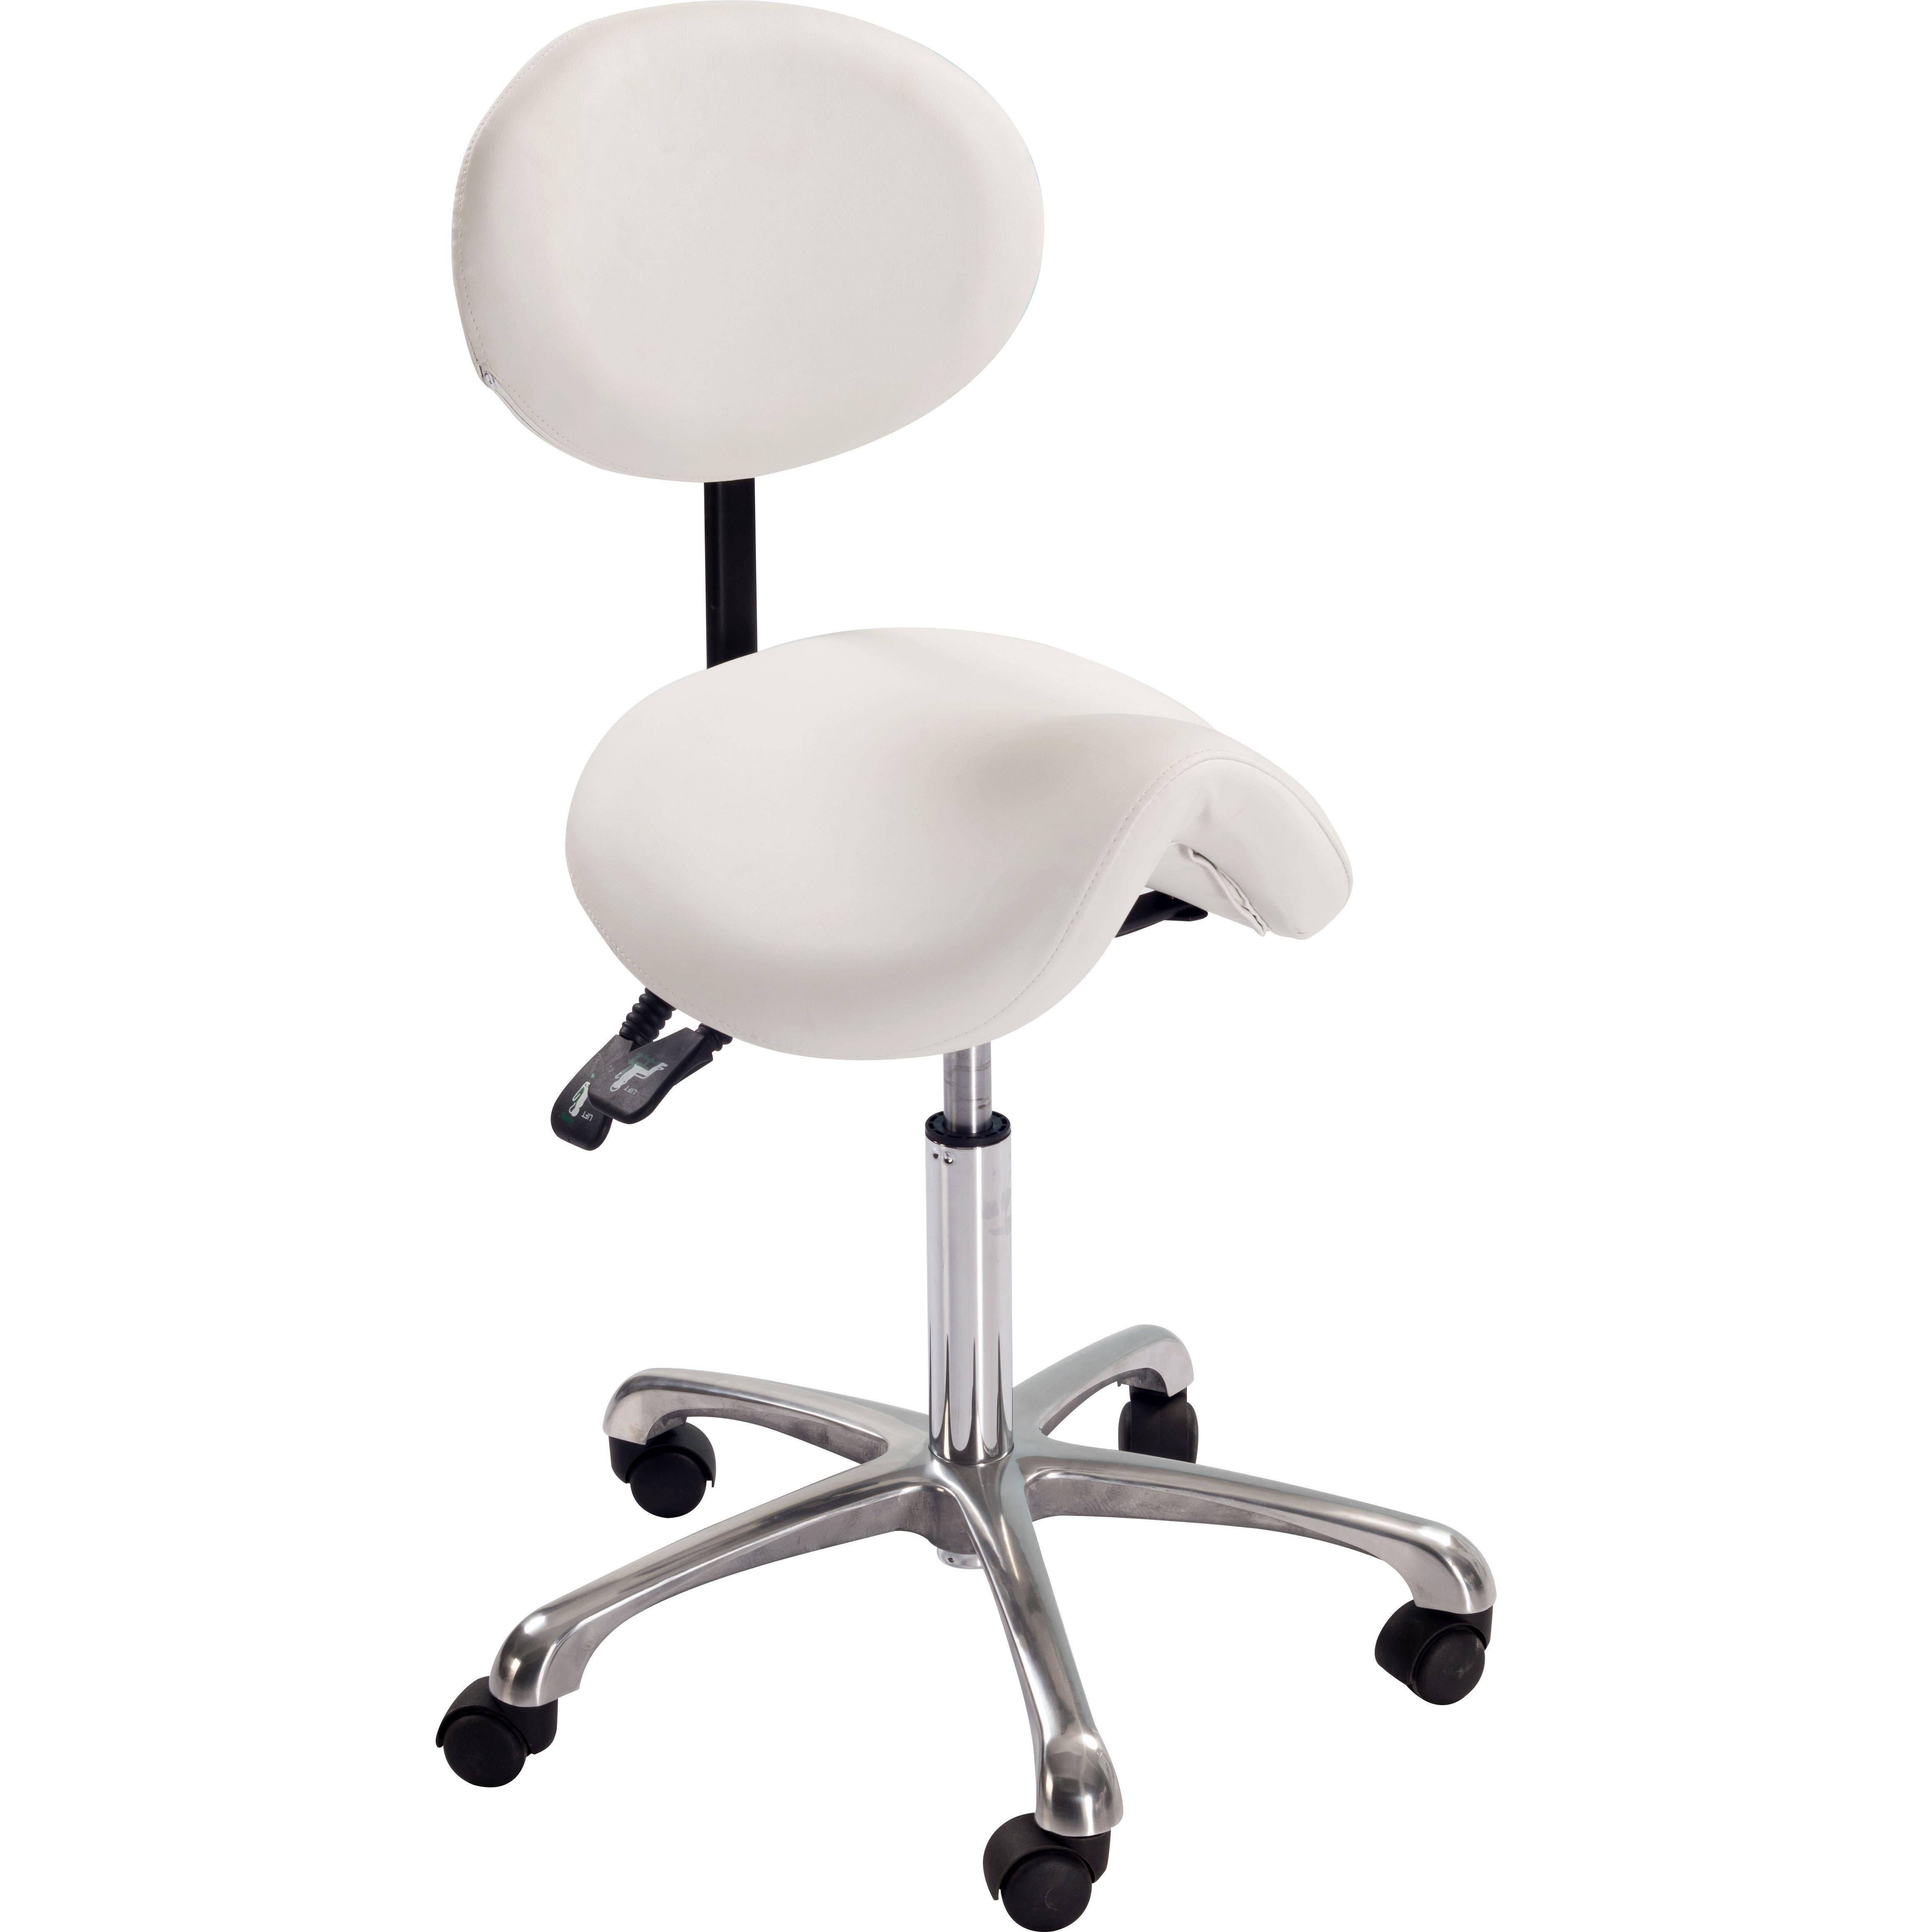 מפואר כיסא אוכף | כסא טיפולים פניאומטי עם משענת - אלקטרו קנול XO-57